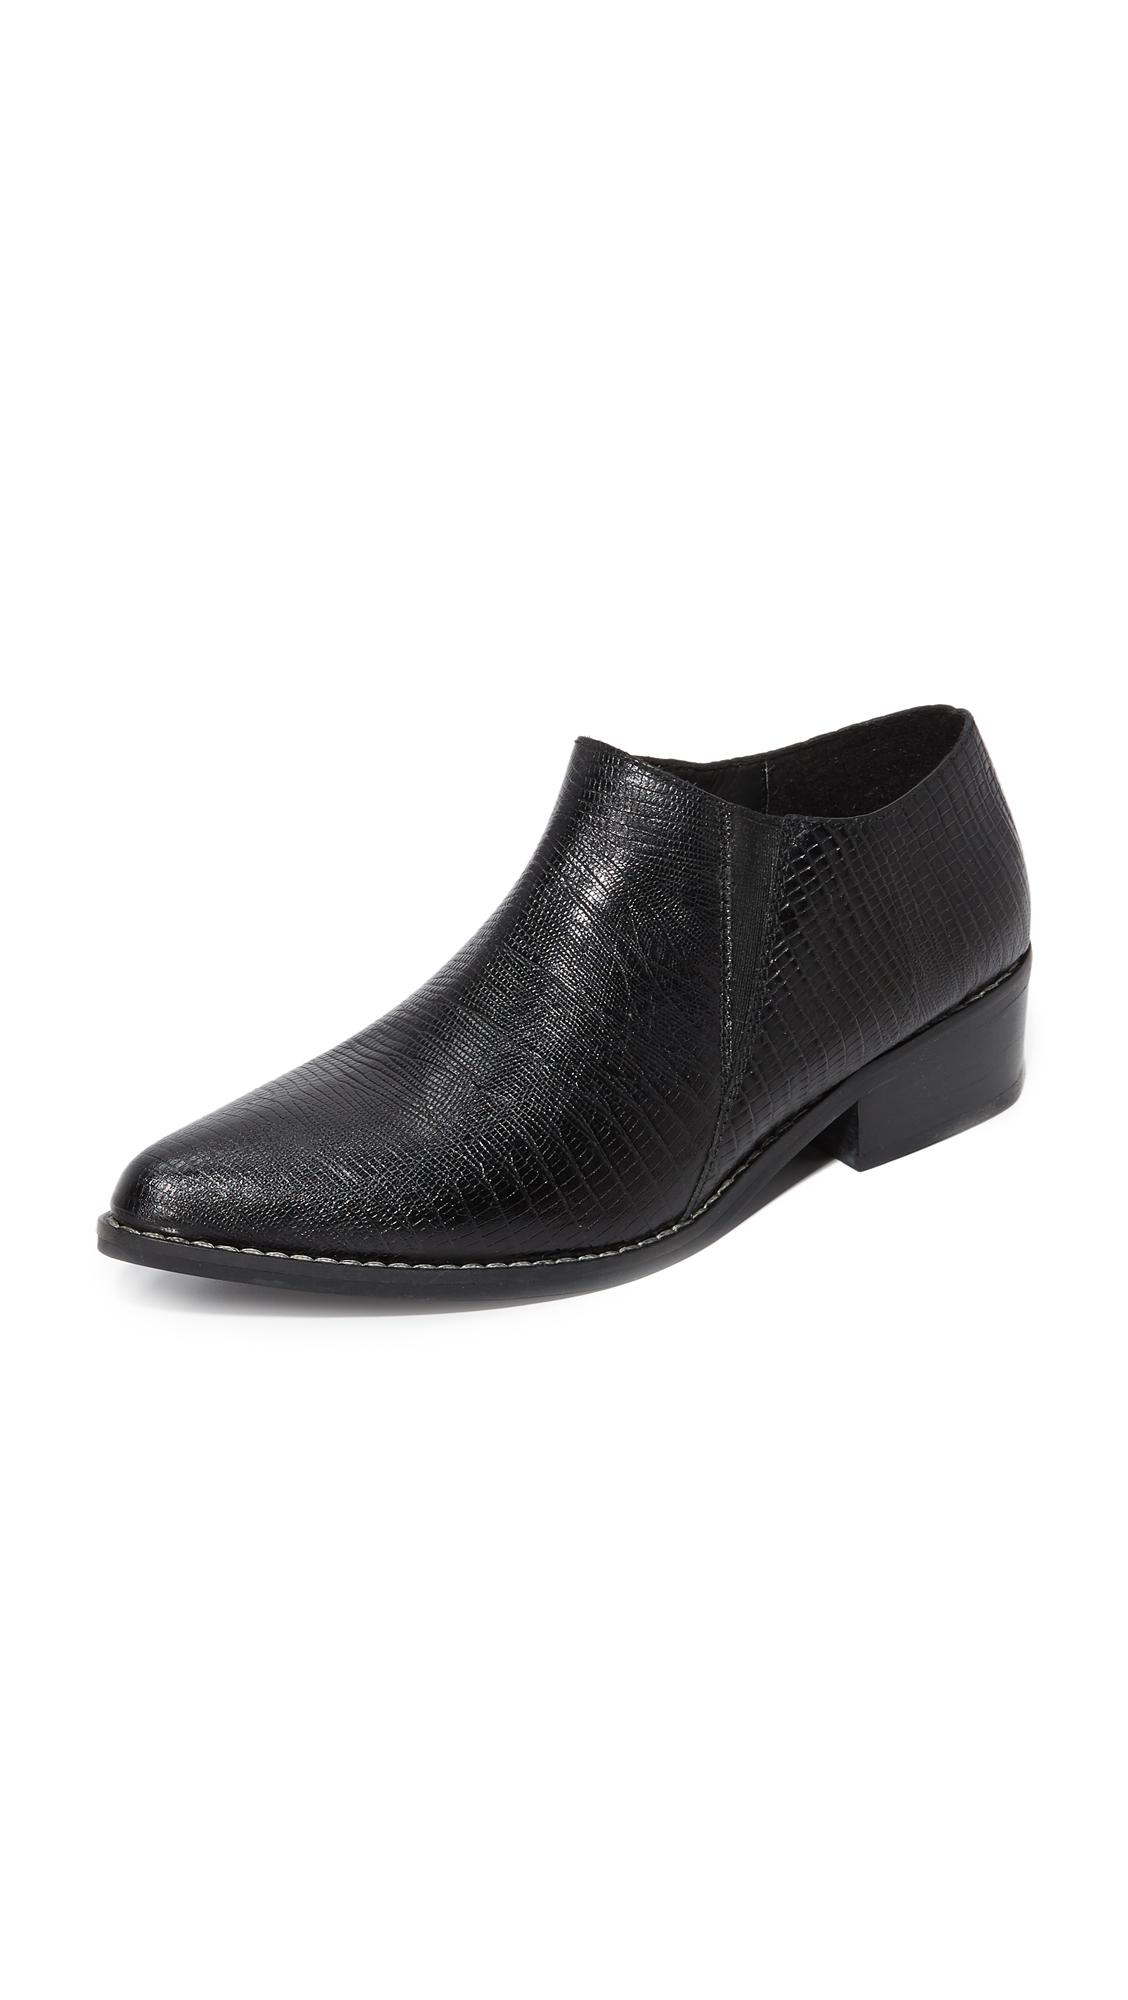 Kaanas Sobek Ankle Booties - Black